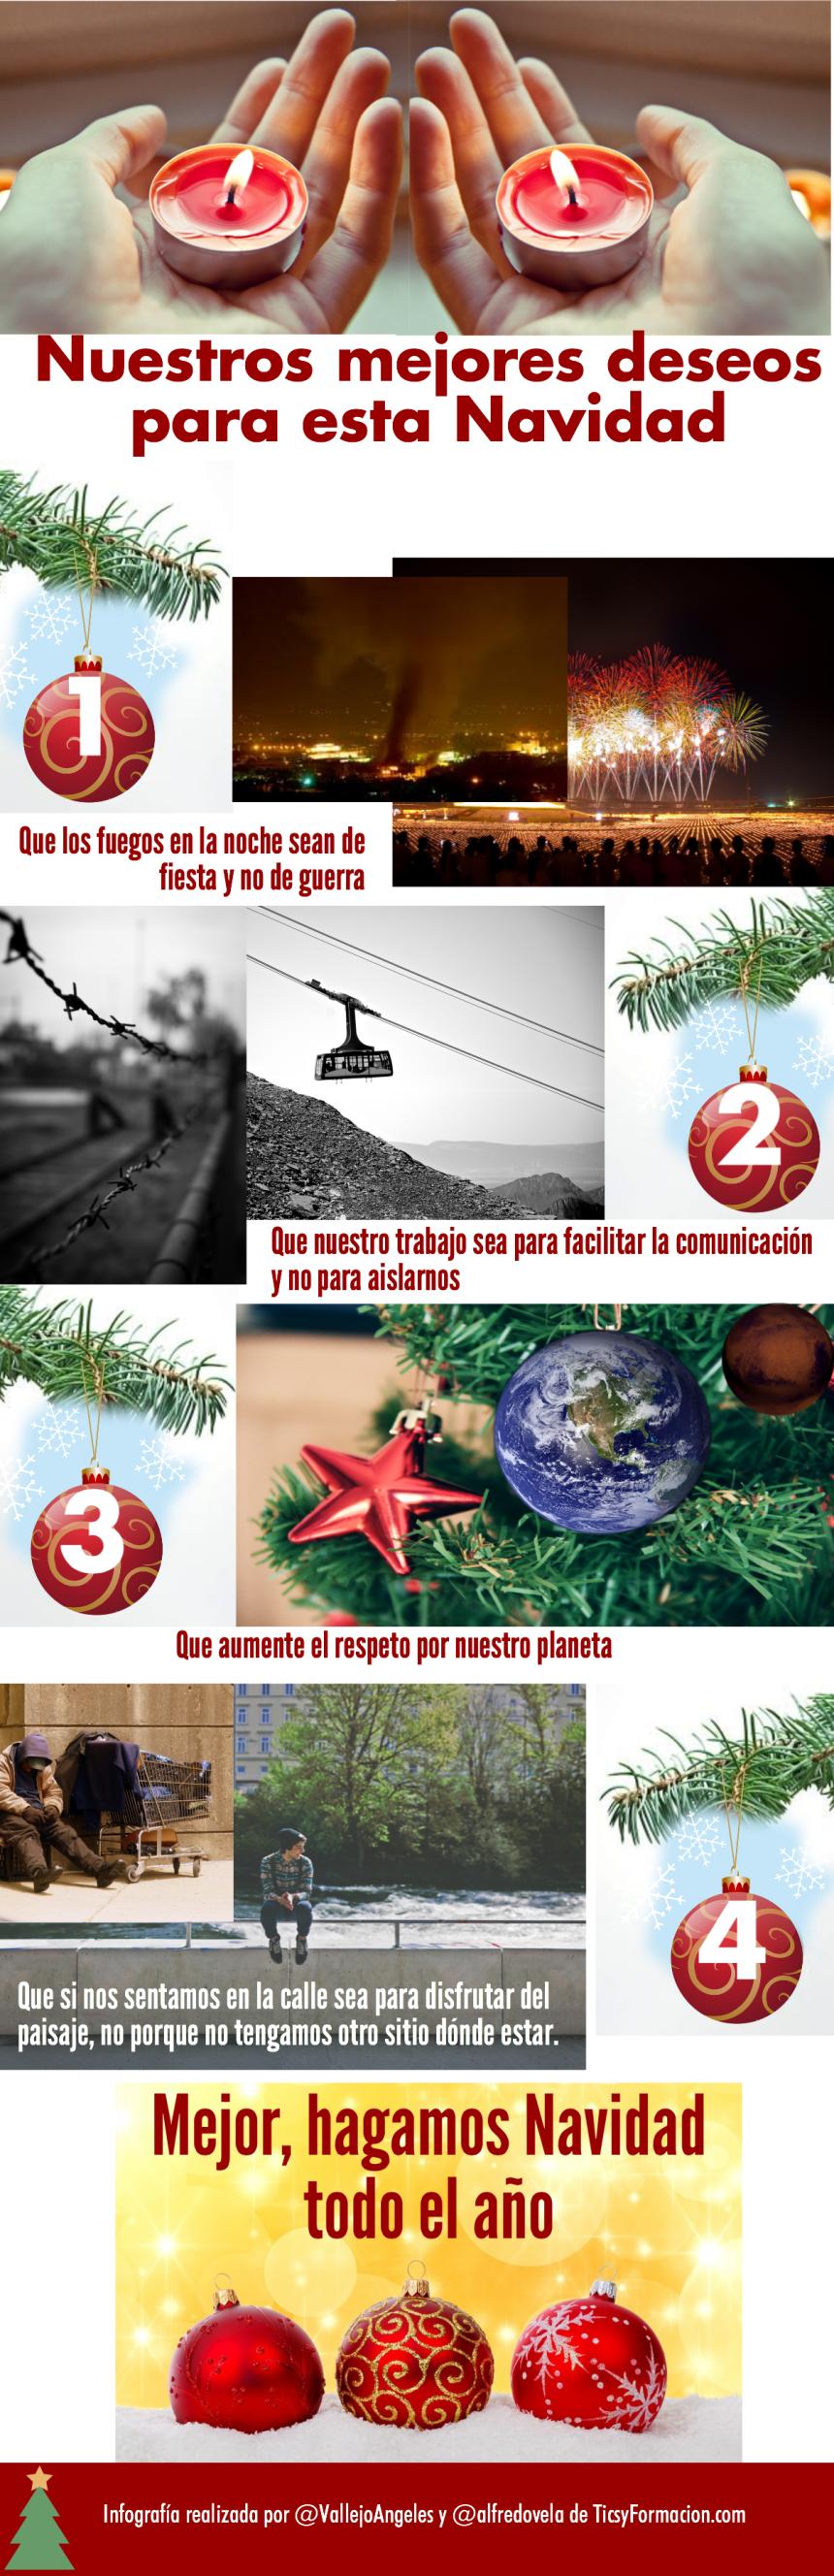 Nuestros mejores deseos para esta Navidad